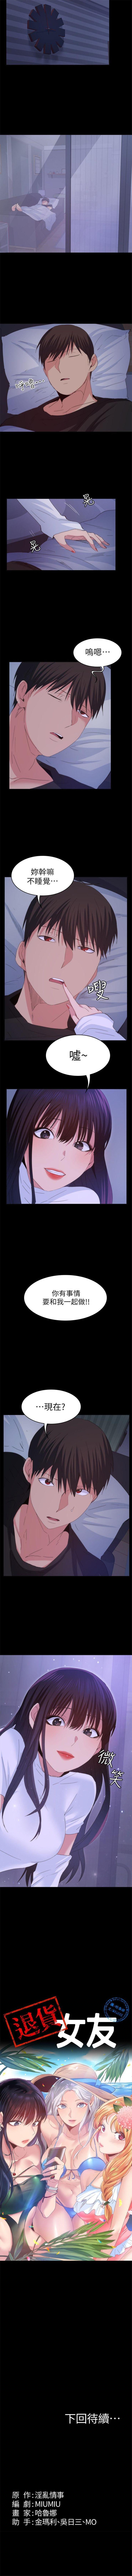 (周2)退货女友 1-23 中文翻译(更新中) 151